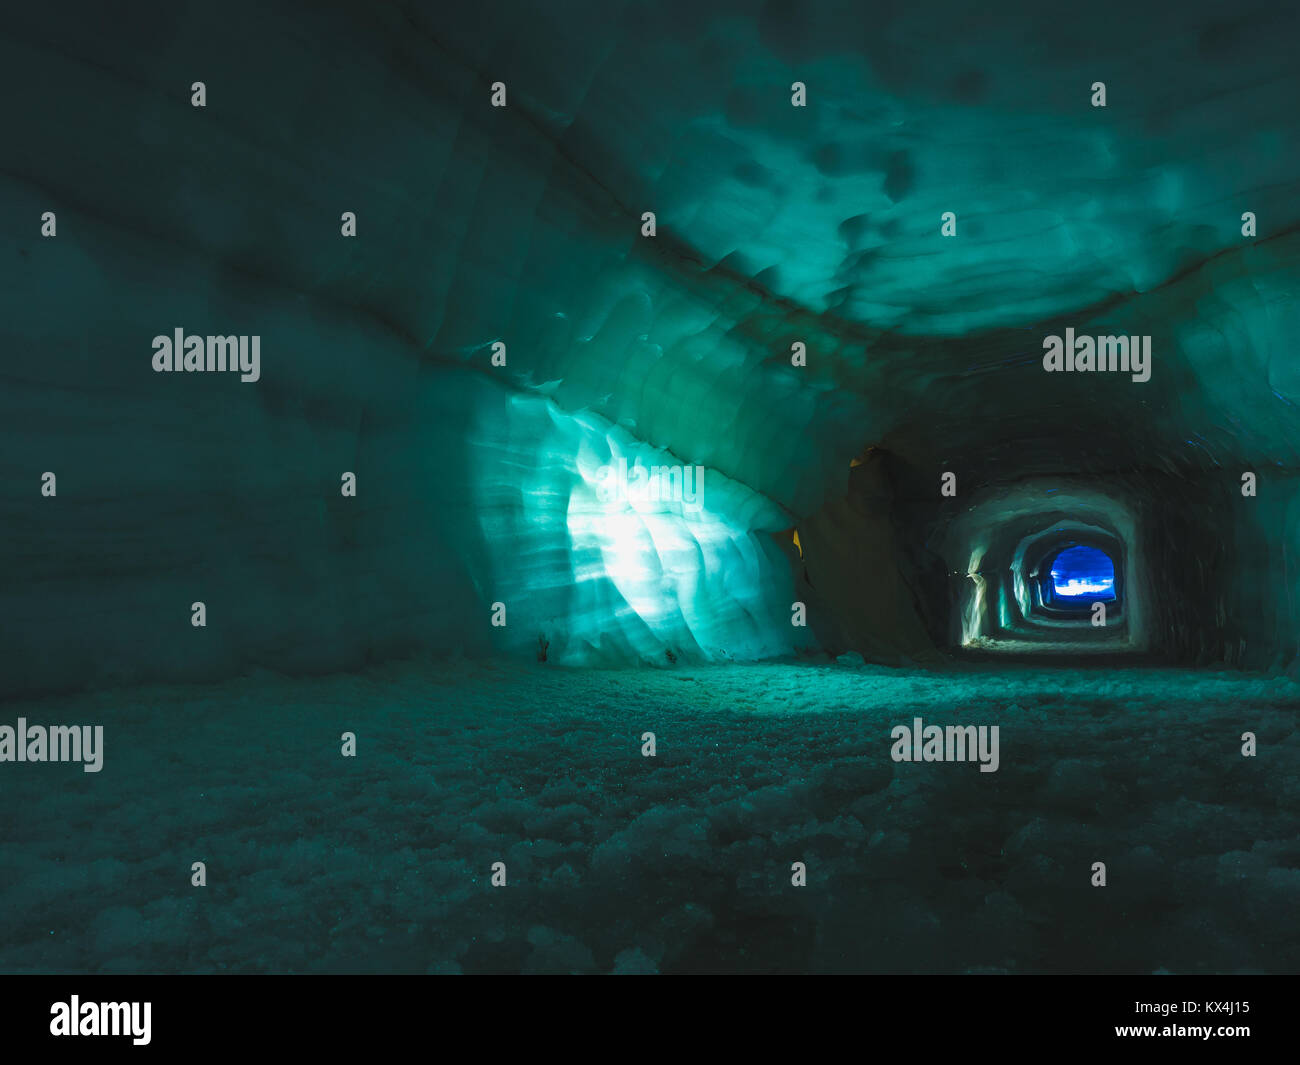 Tunnel all'interno della caverna di ghiaccio del ghiacciaio Langjokull in Islanda Immagini Stock